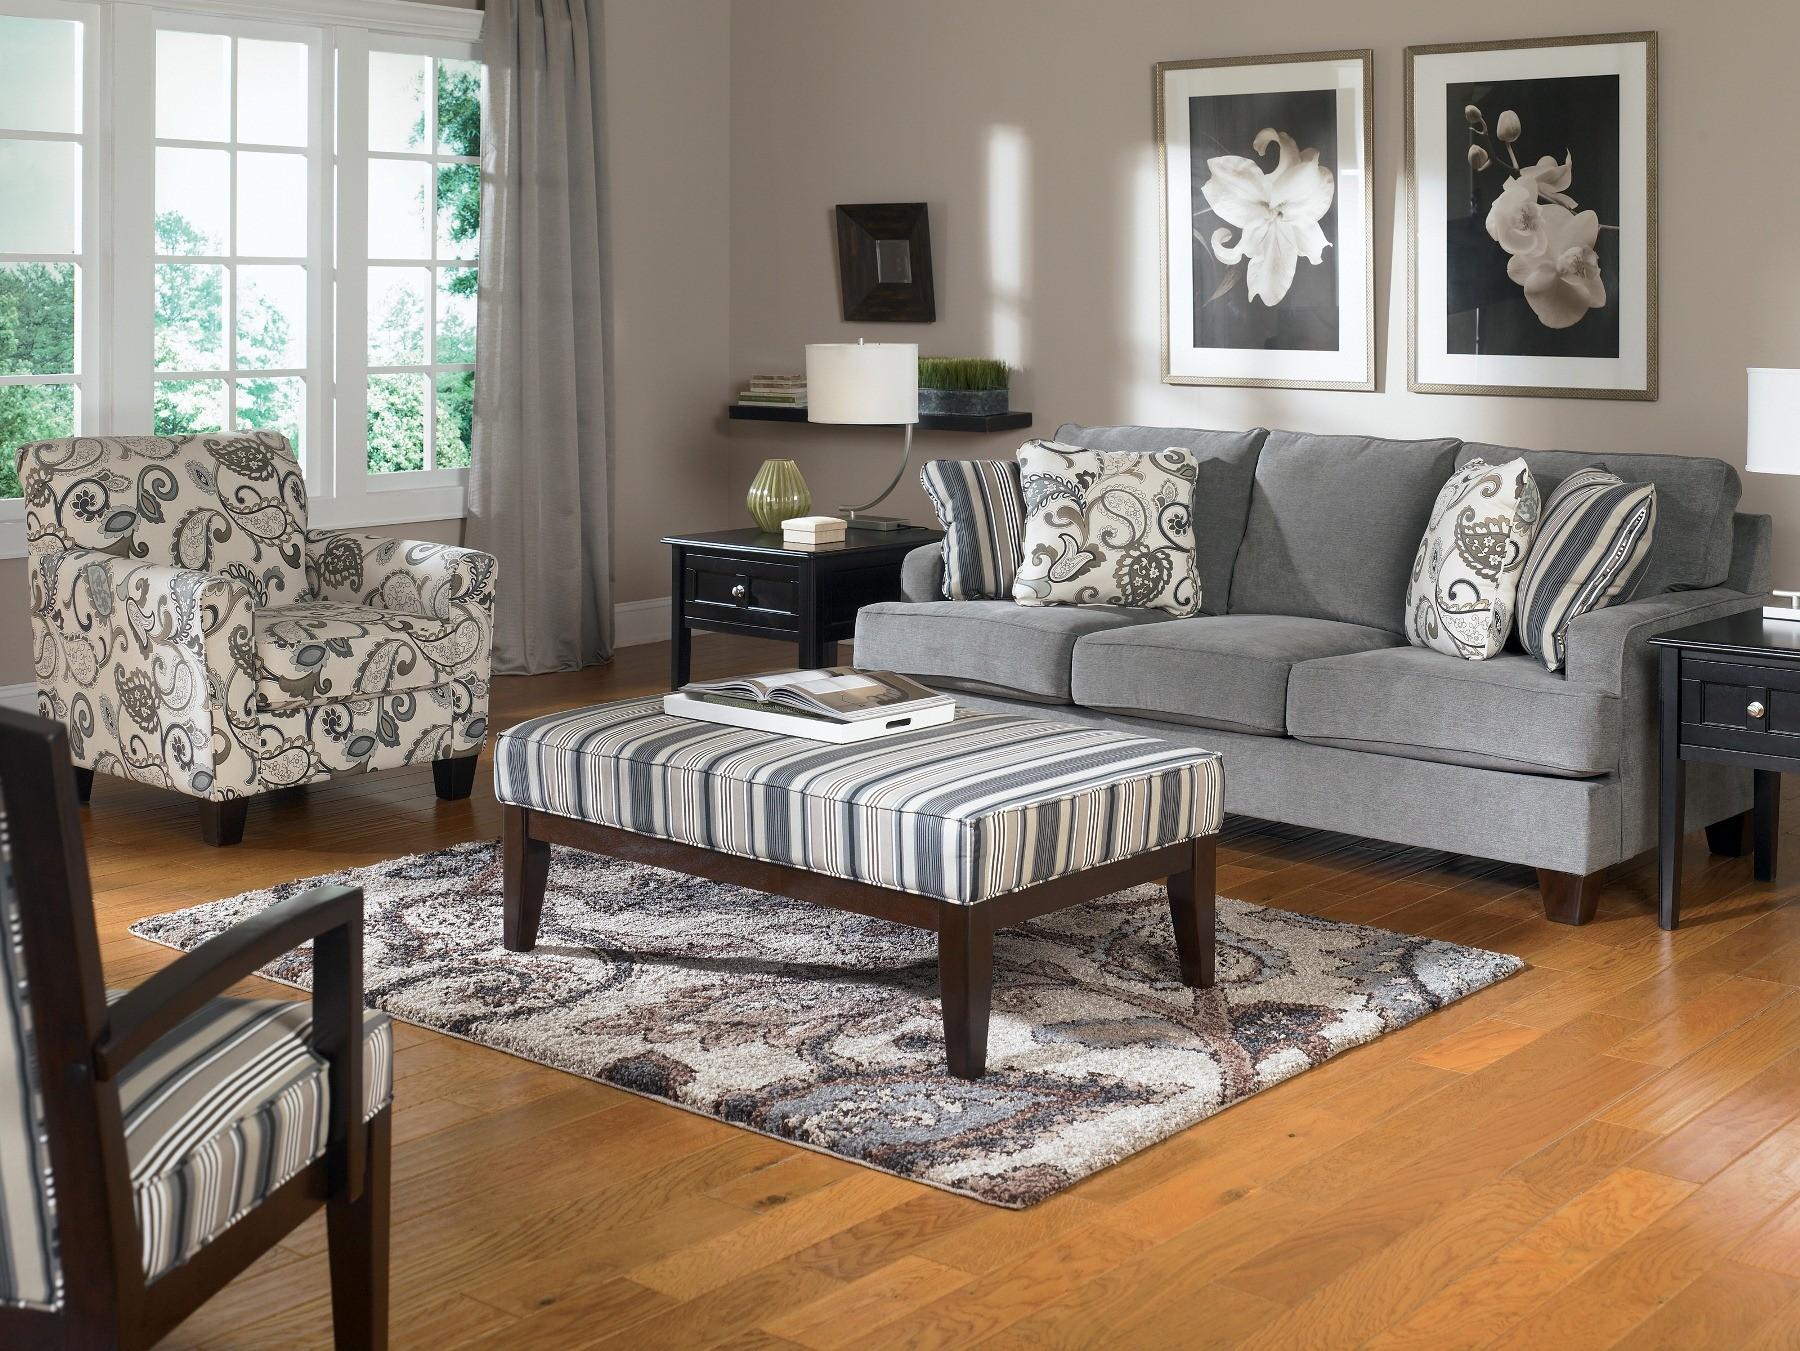 Yvette Steel Living Room Set From Ashley (77900)